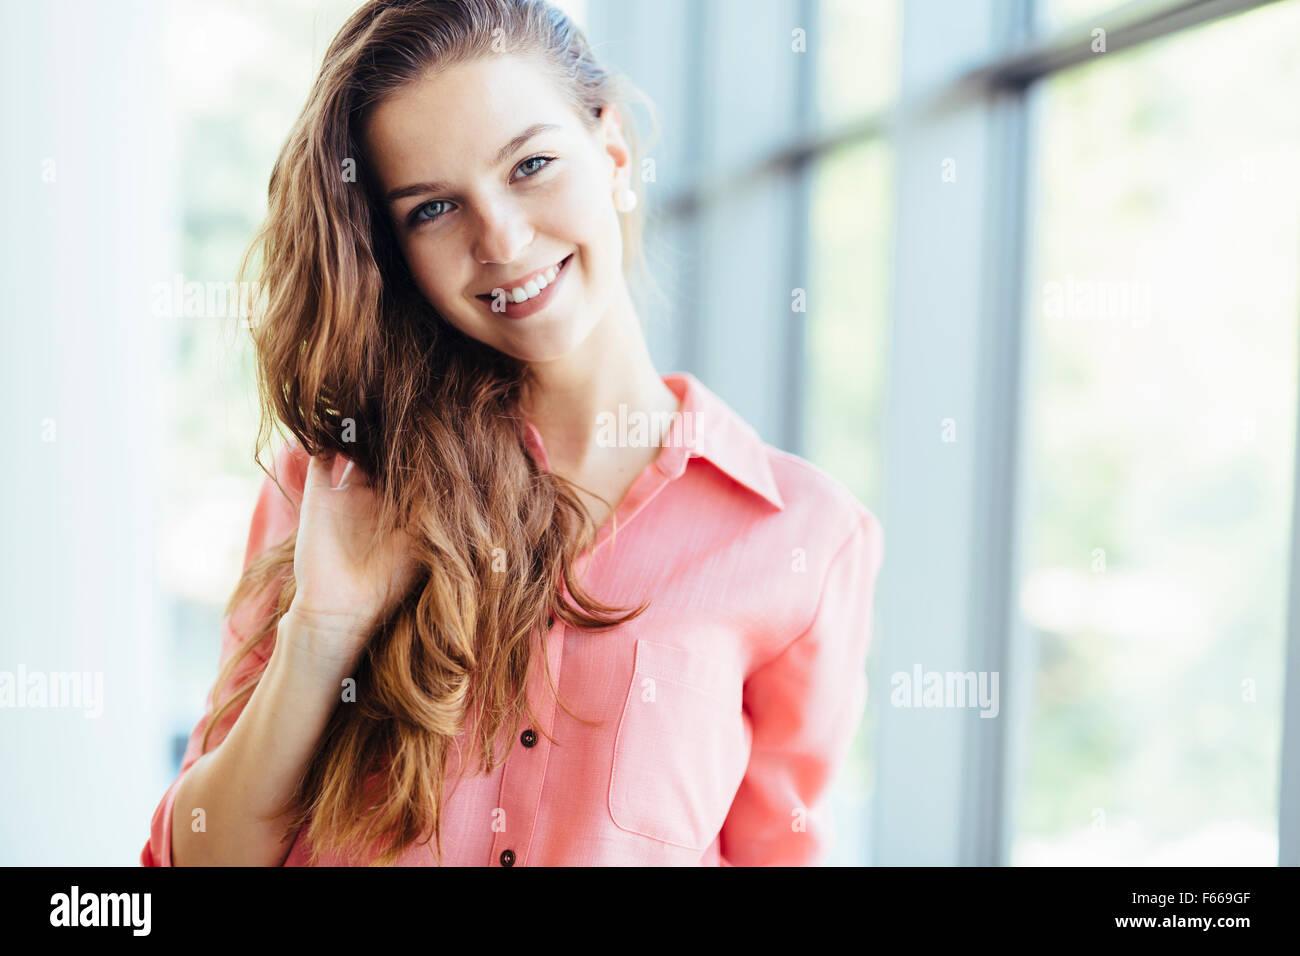 Schöne Geschäftsfrau hält ihr Haar und lächelt. Gefühl des wahren Glücks Stockbild